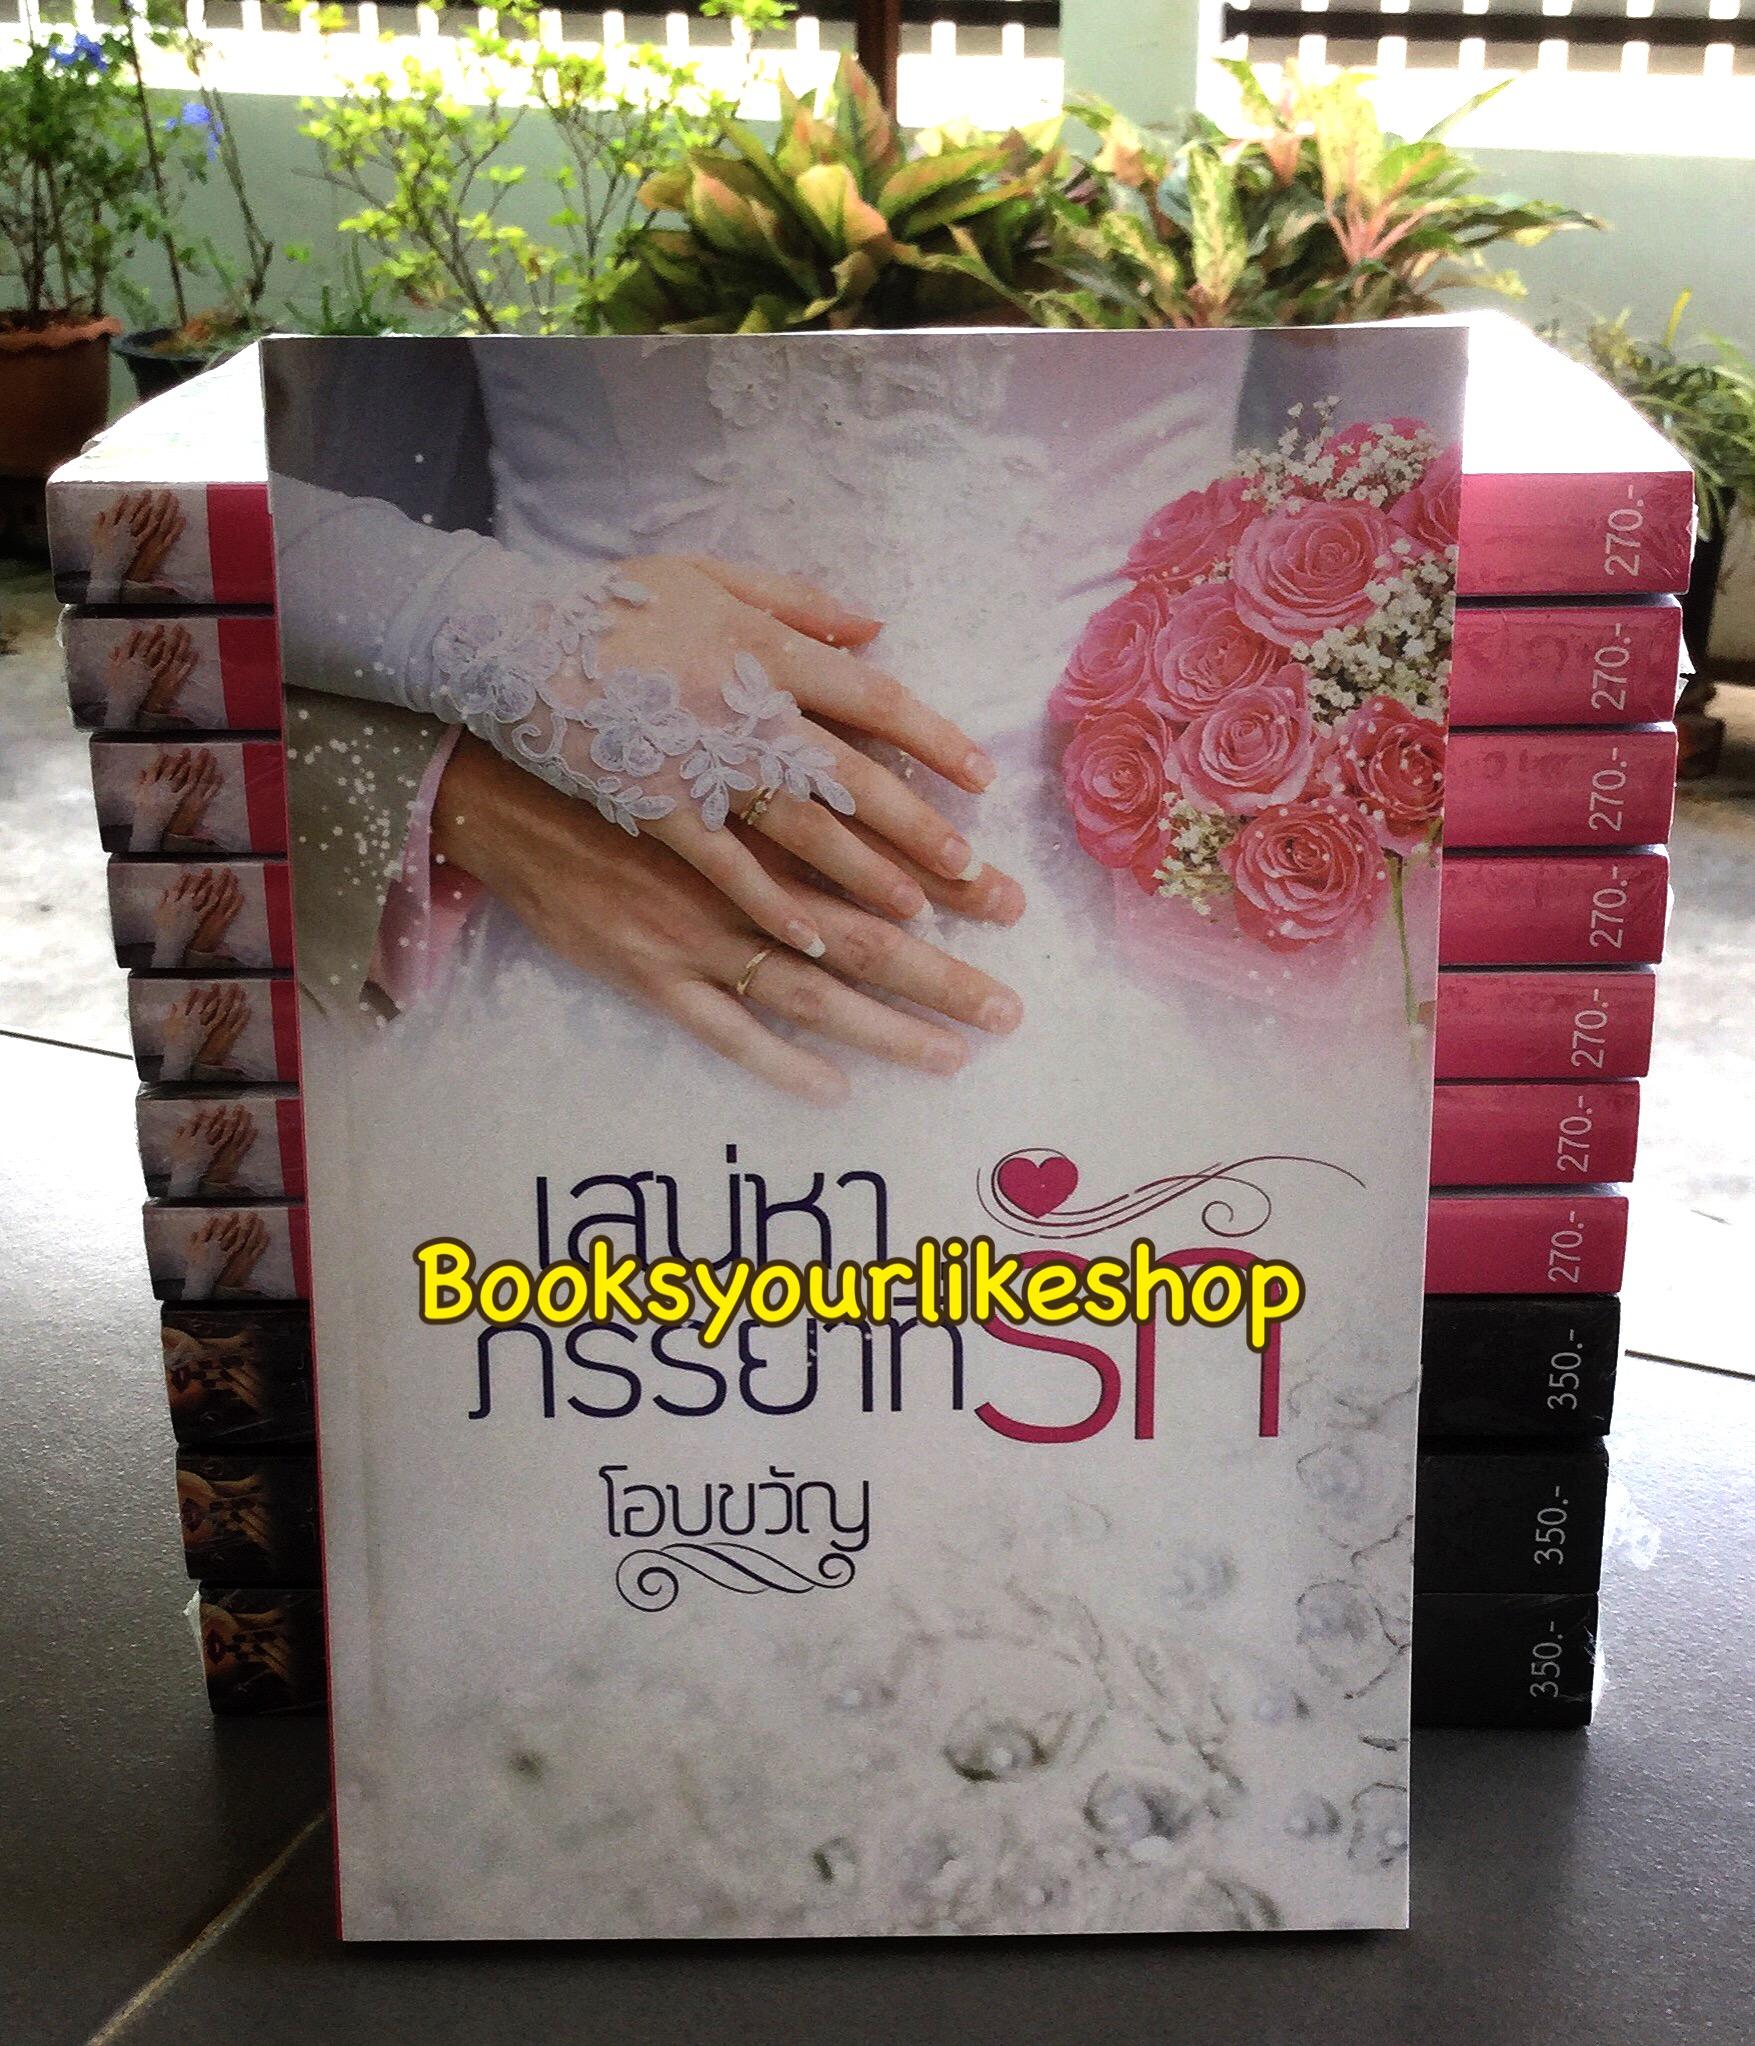 เสน่หาภรรยาที่รัก /โอบขวัญ หนังสือใหม่ทำมือ *** สนุกคะ***